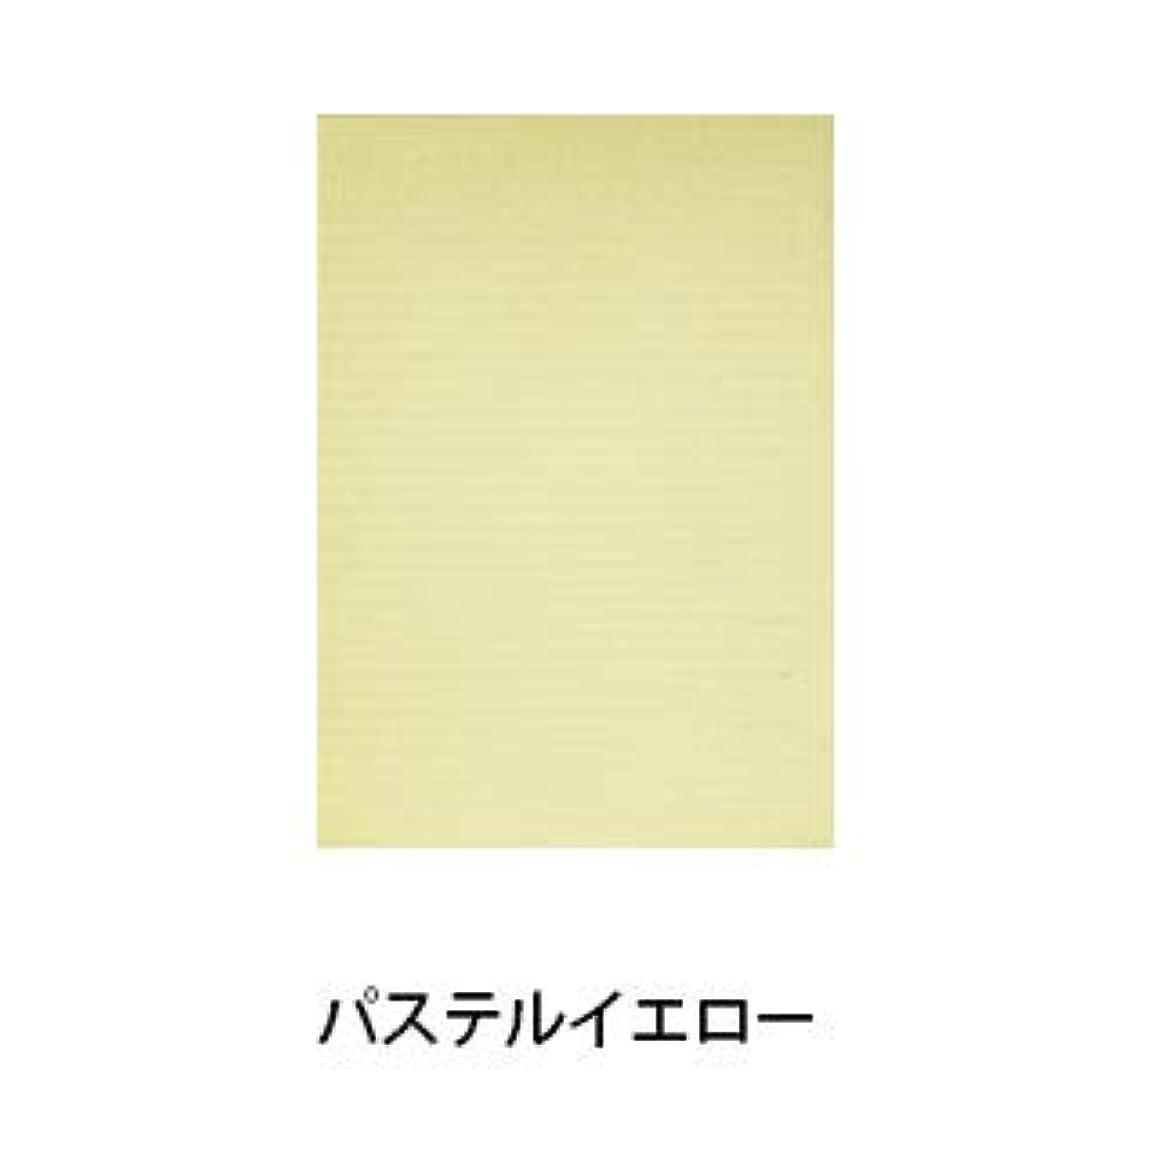 じゃがいも備品ランプ【パステルシリーズ】100枚入り ネイルシート ペーパークロス (パステルイエロー)